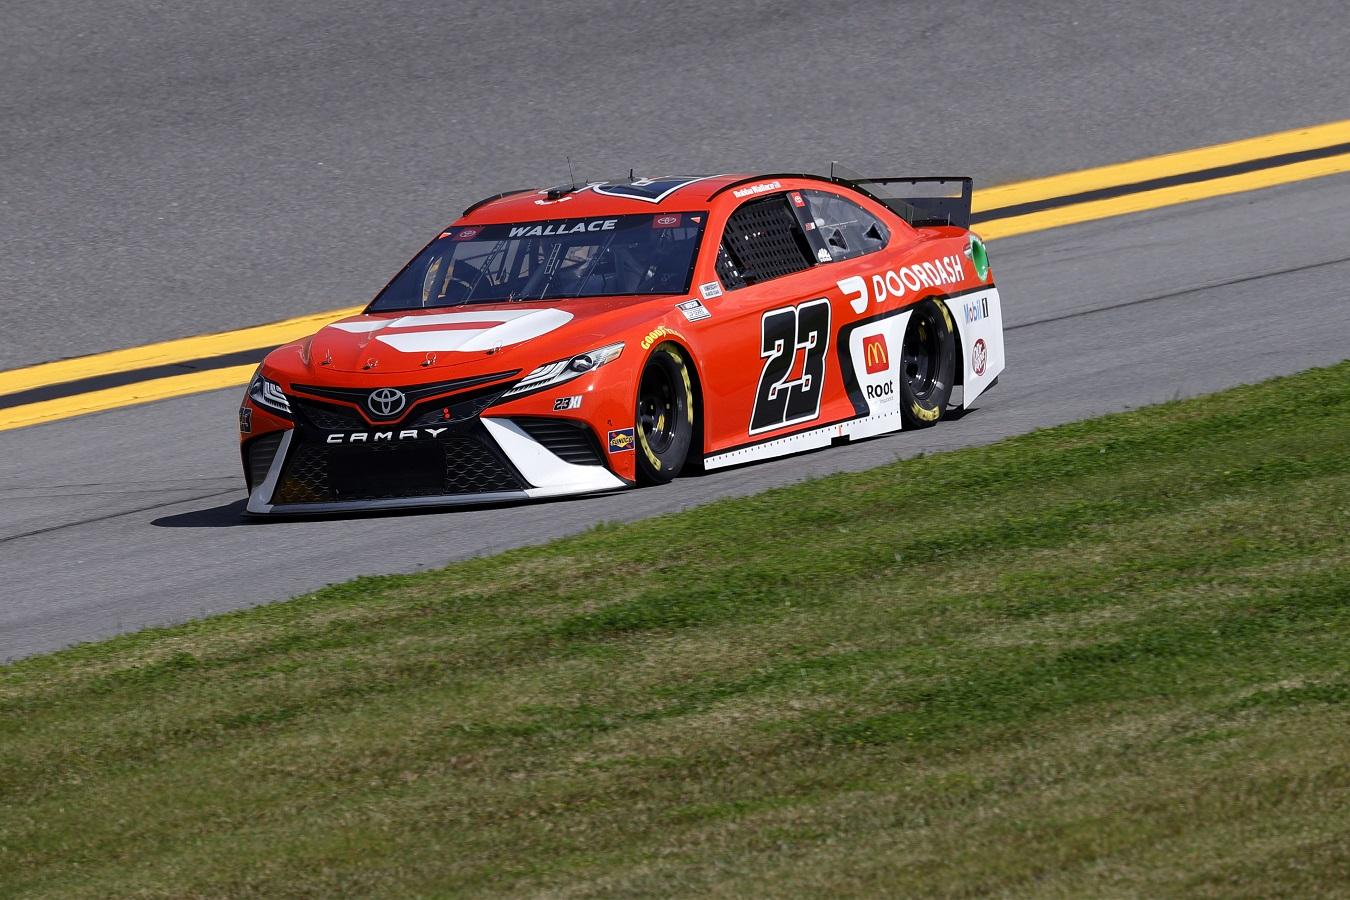 Bubba Wallace in the #23 23XI Racing car